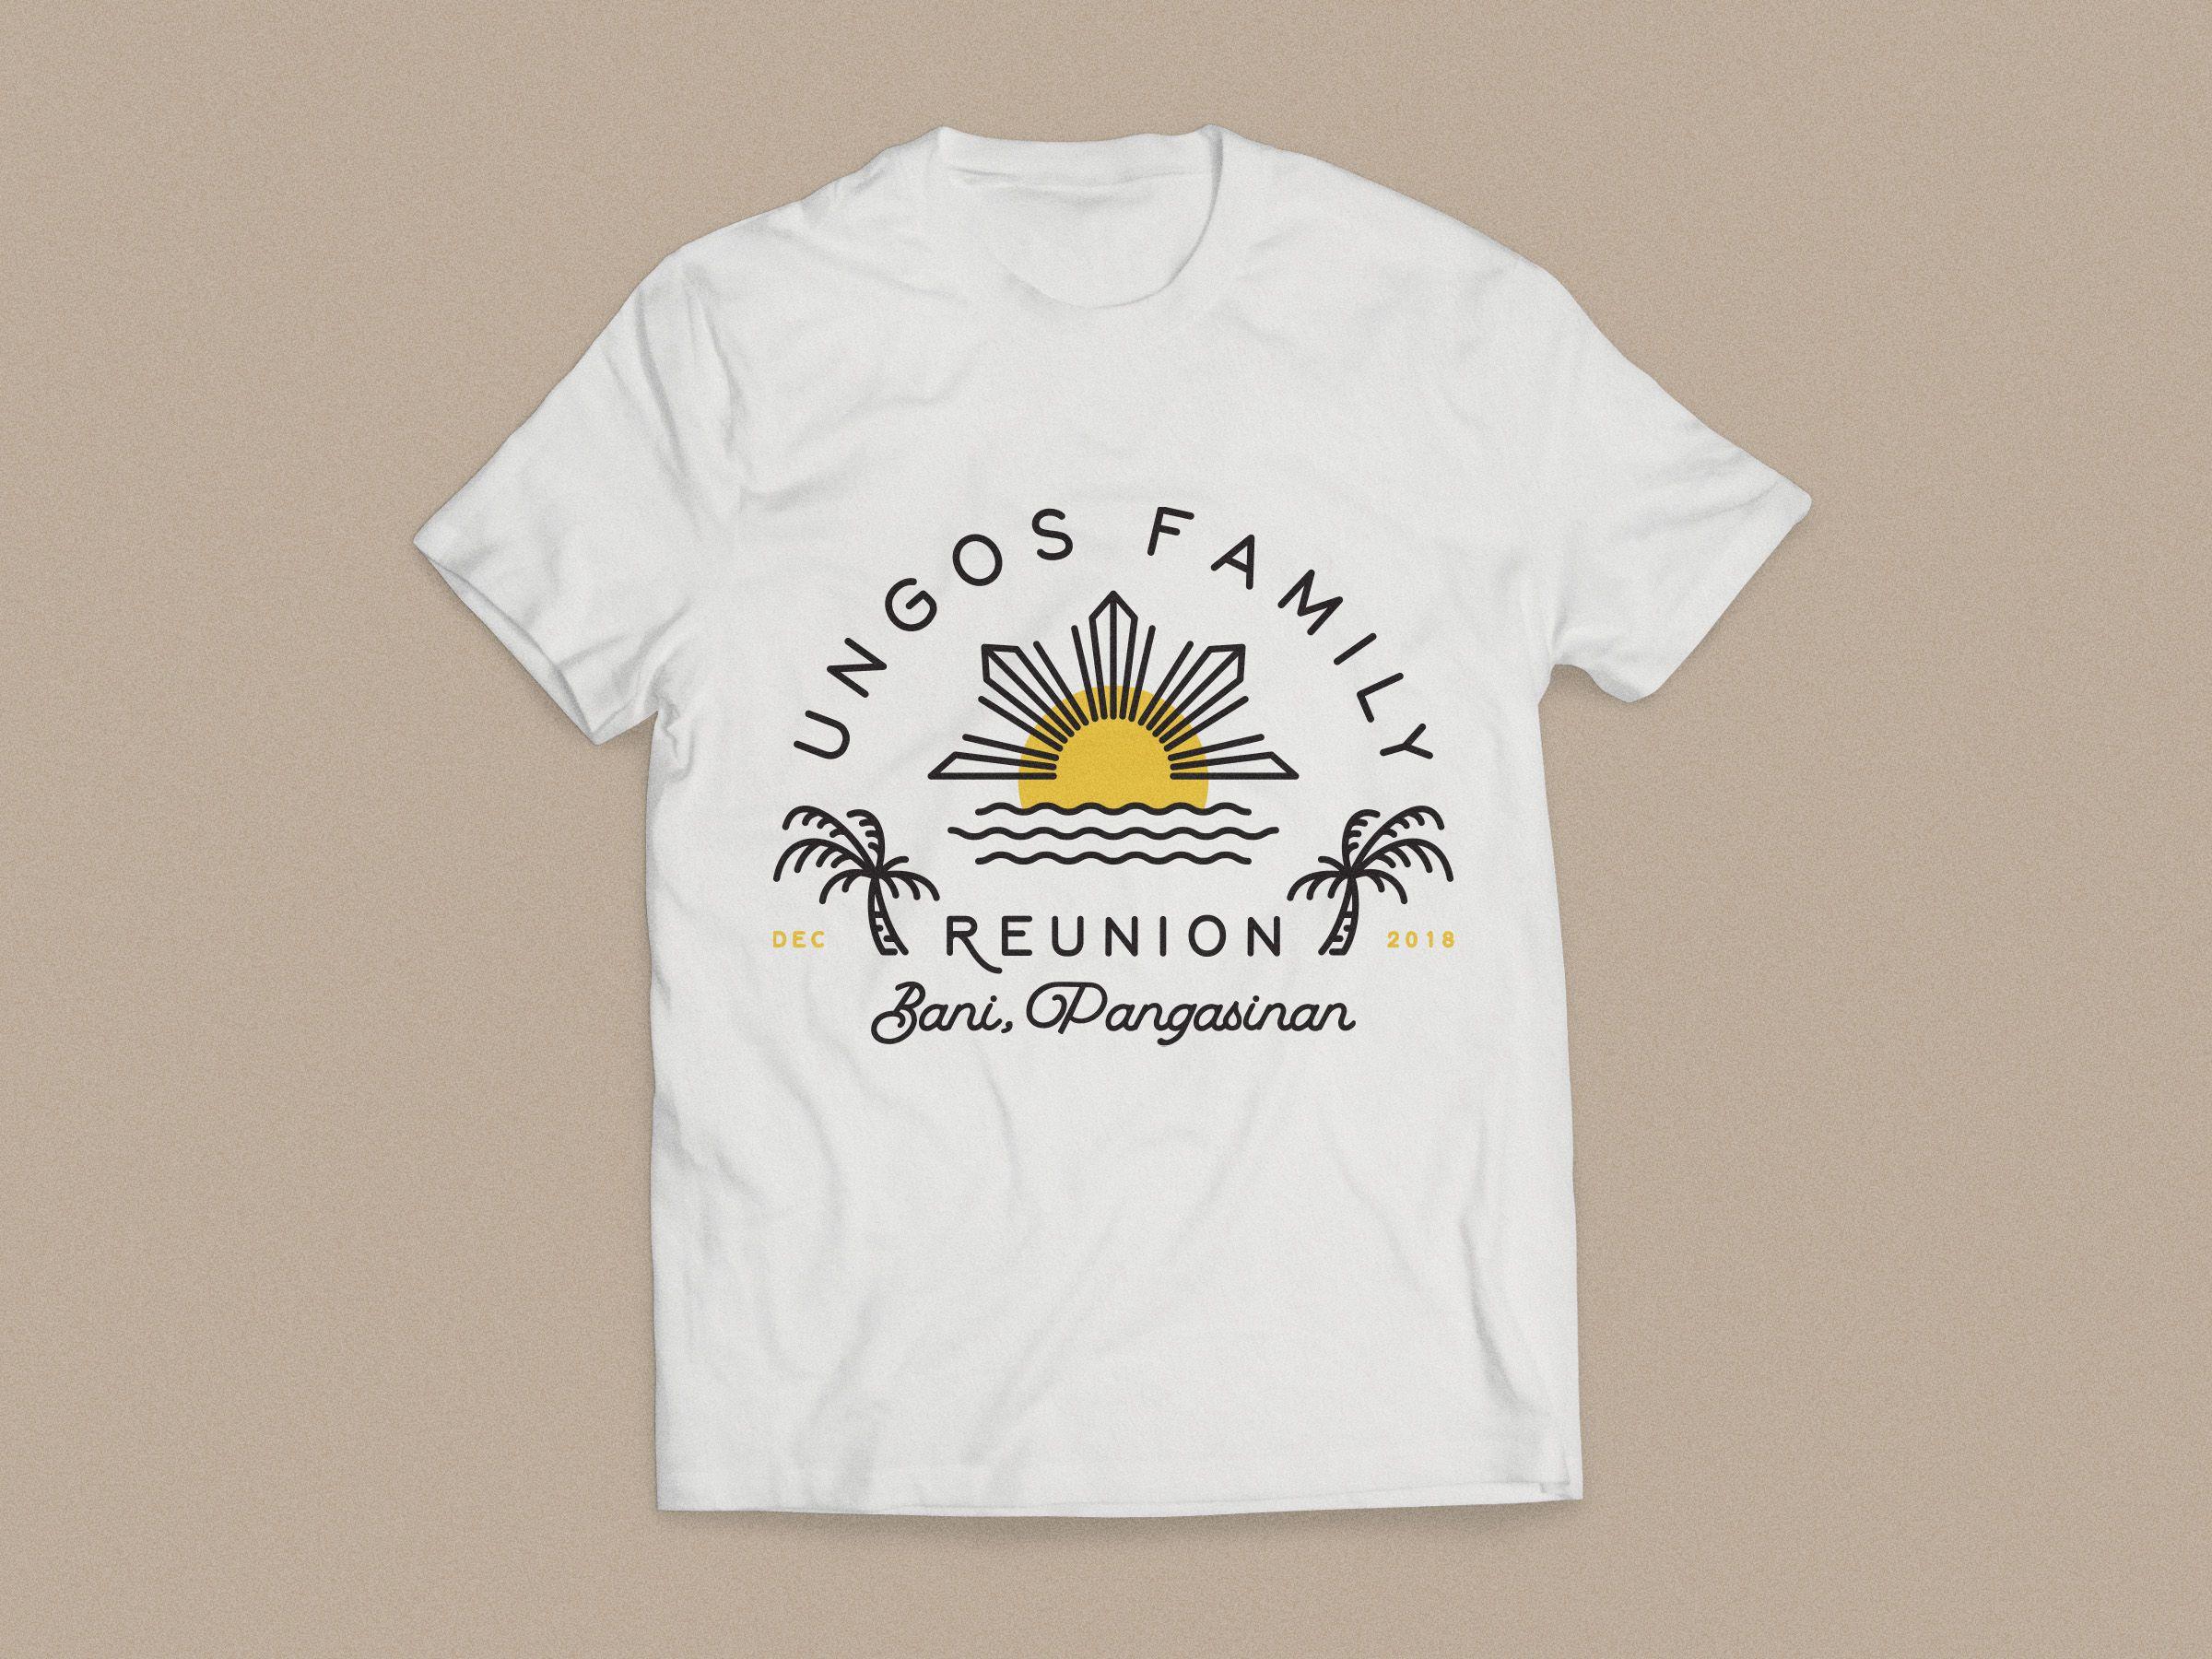 Ungos Family Reunion - Shirt